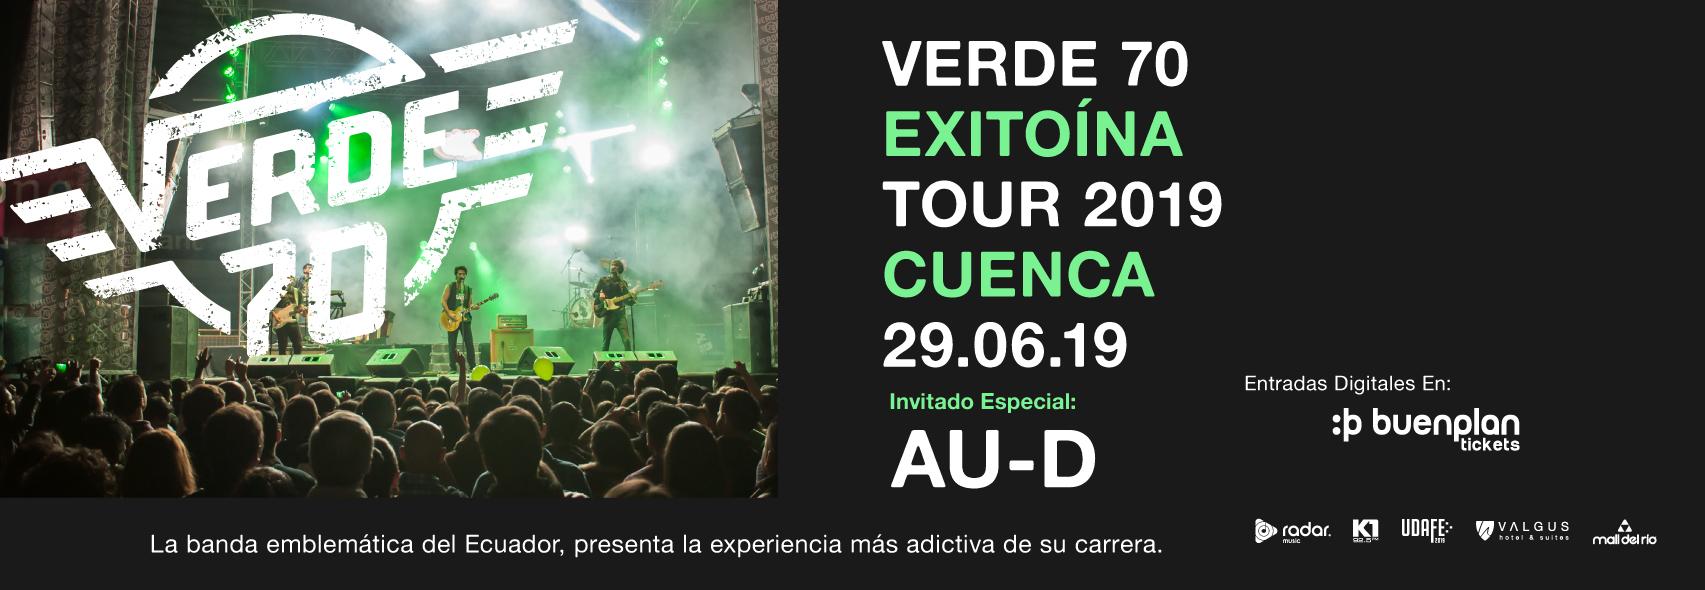 Verde 70 Exitoína Tour - Cuenca en Cuenca, BuenPlan